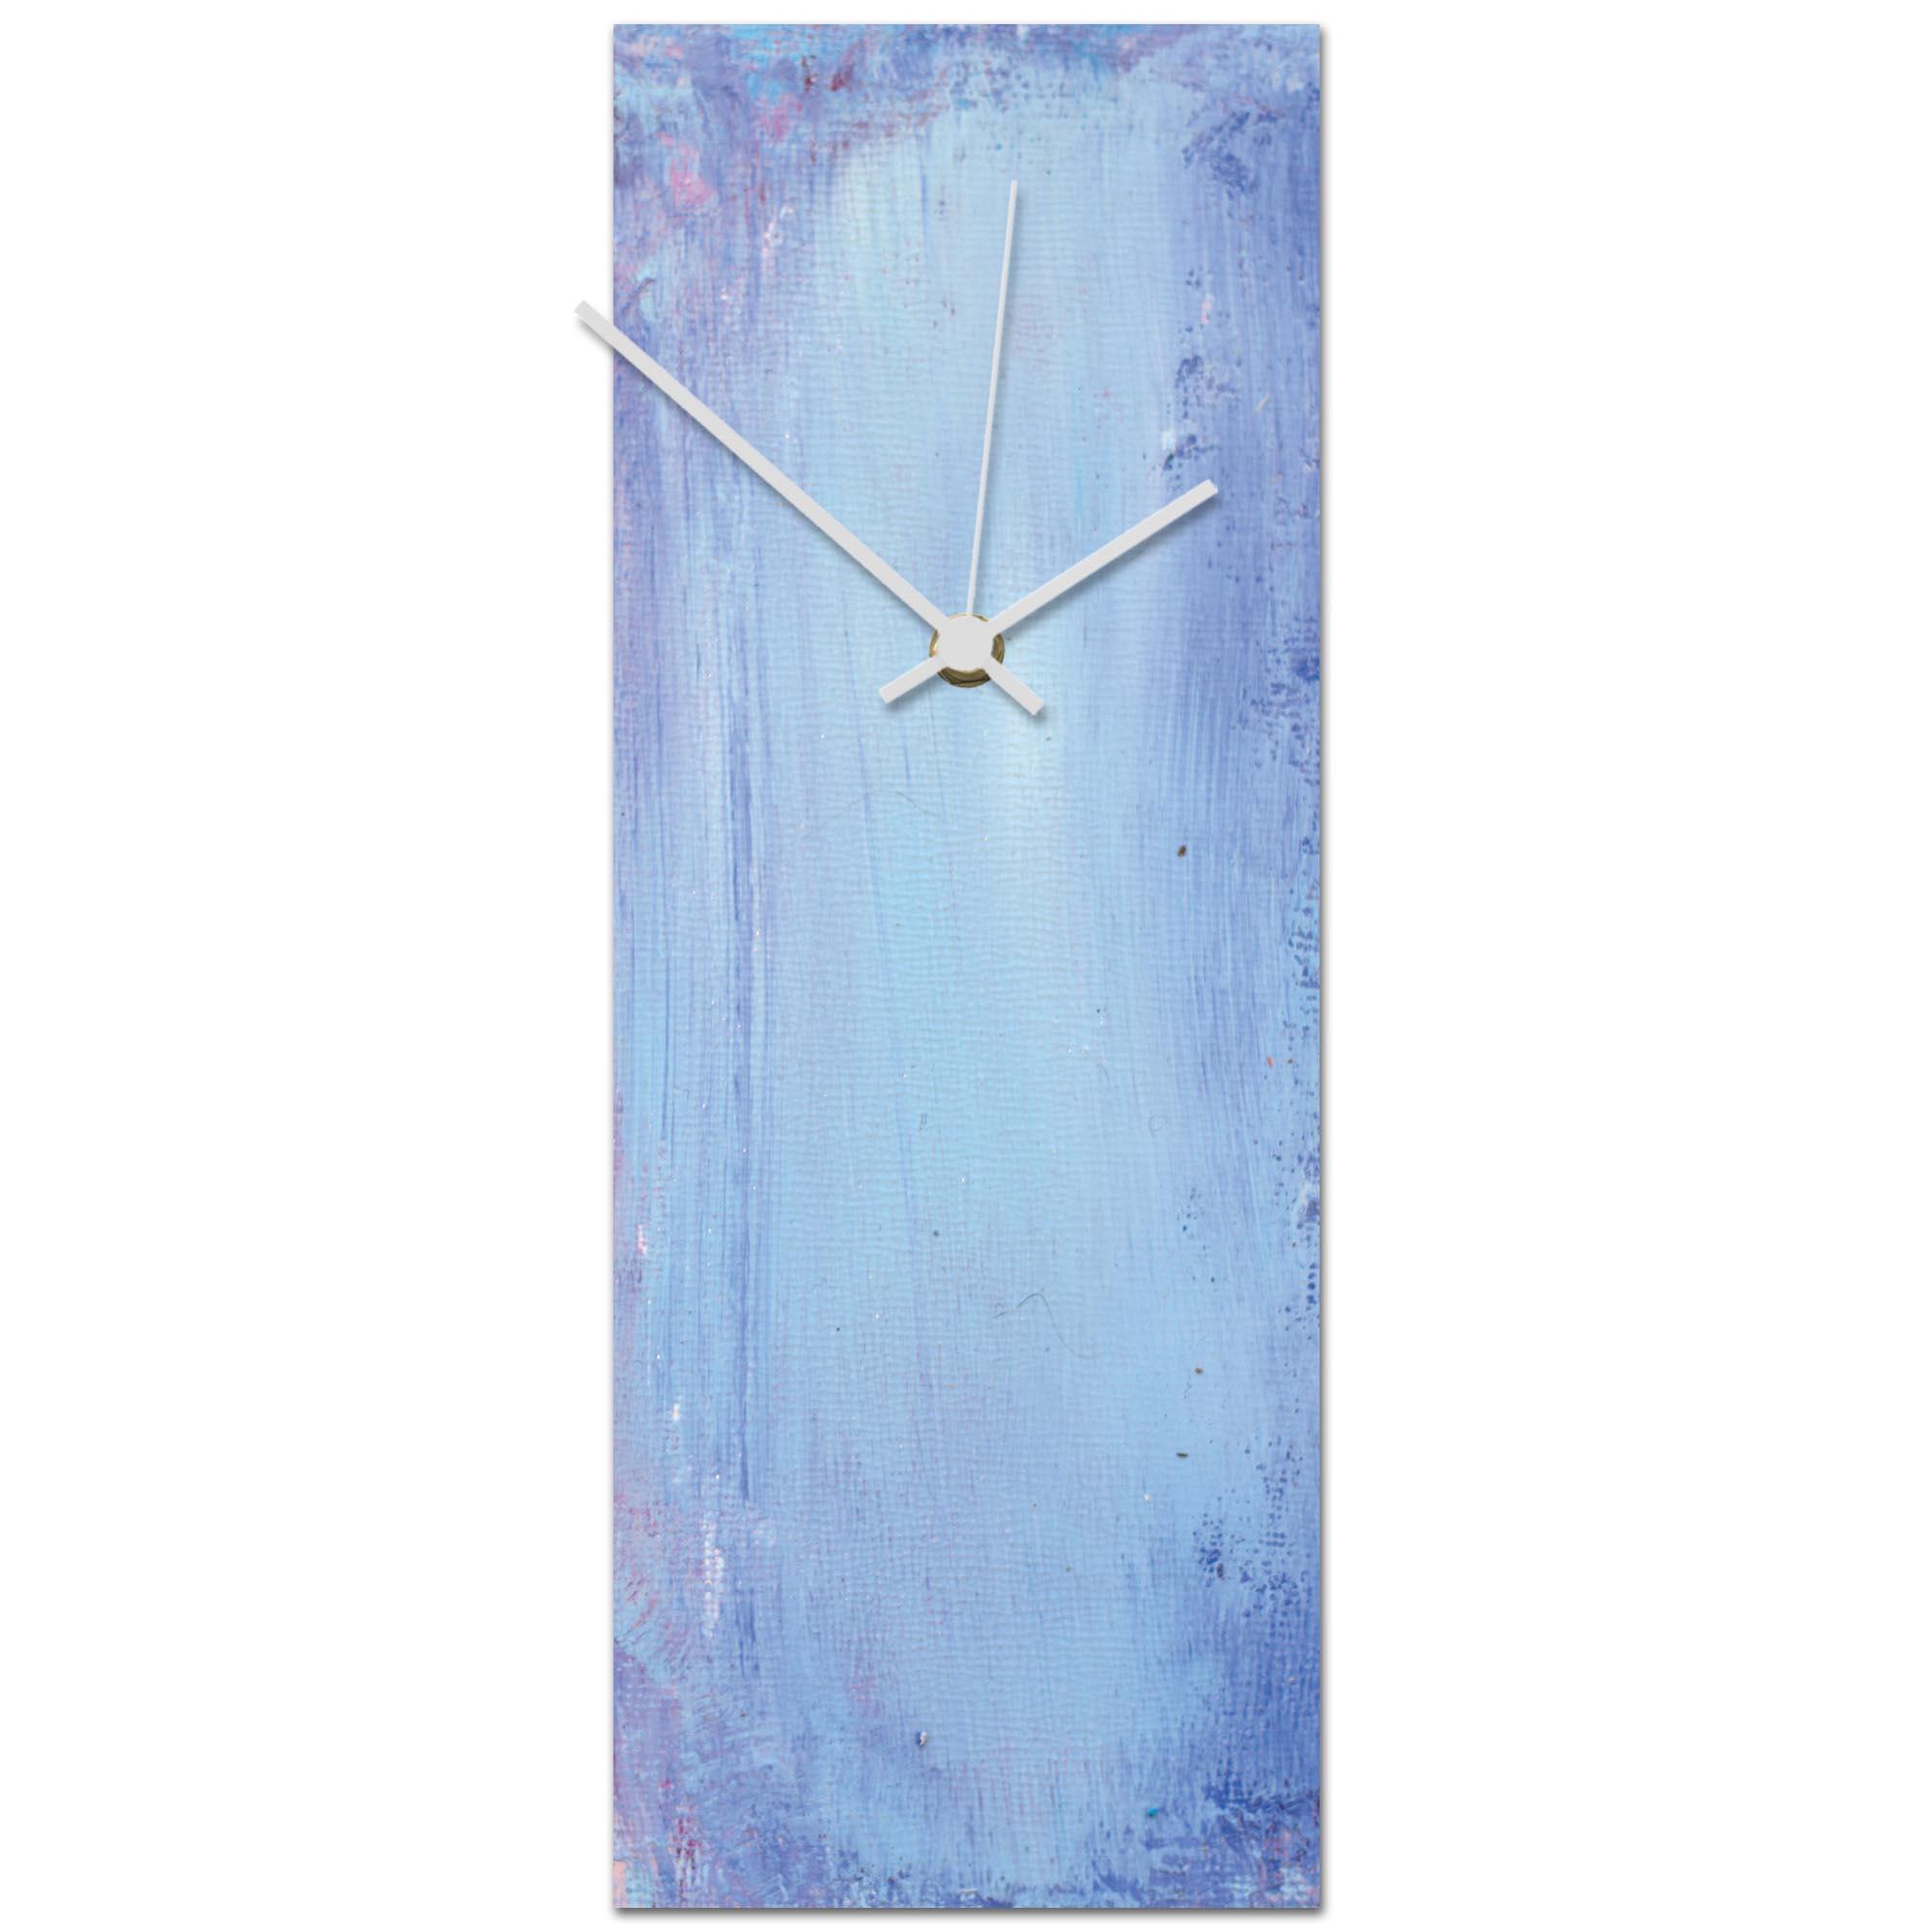 Urban Sky Clock 6x16in. Metal